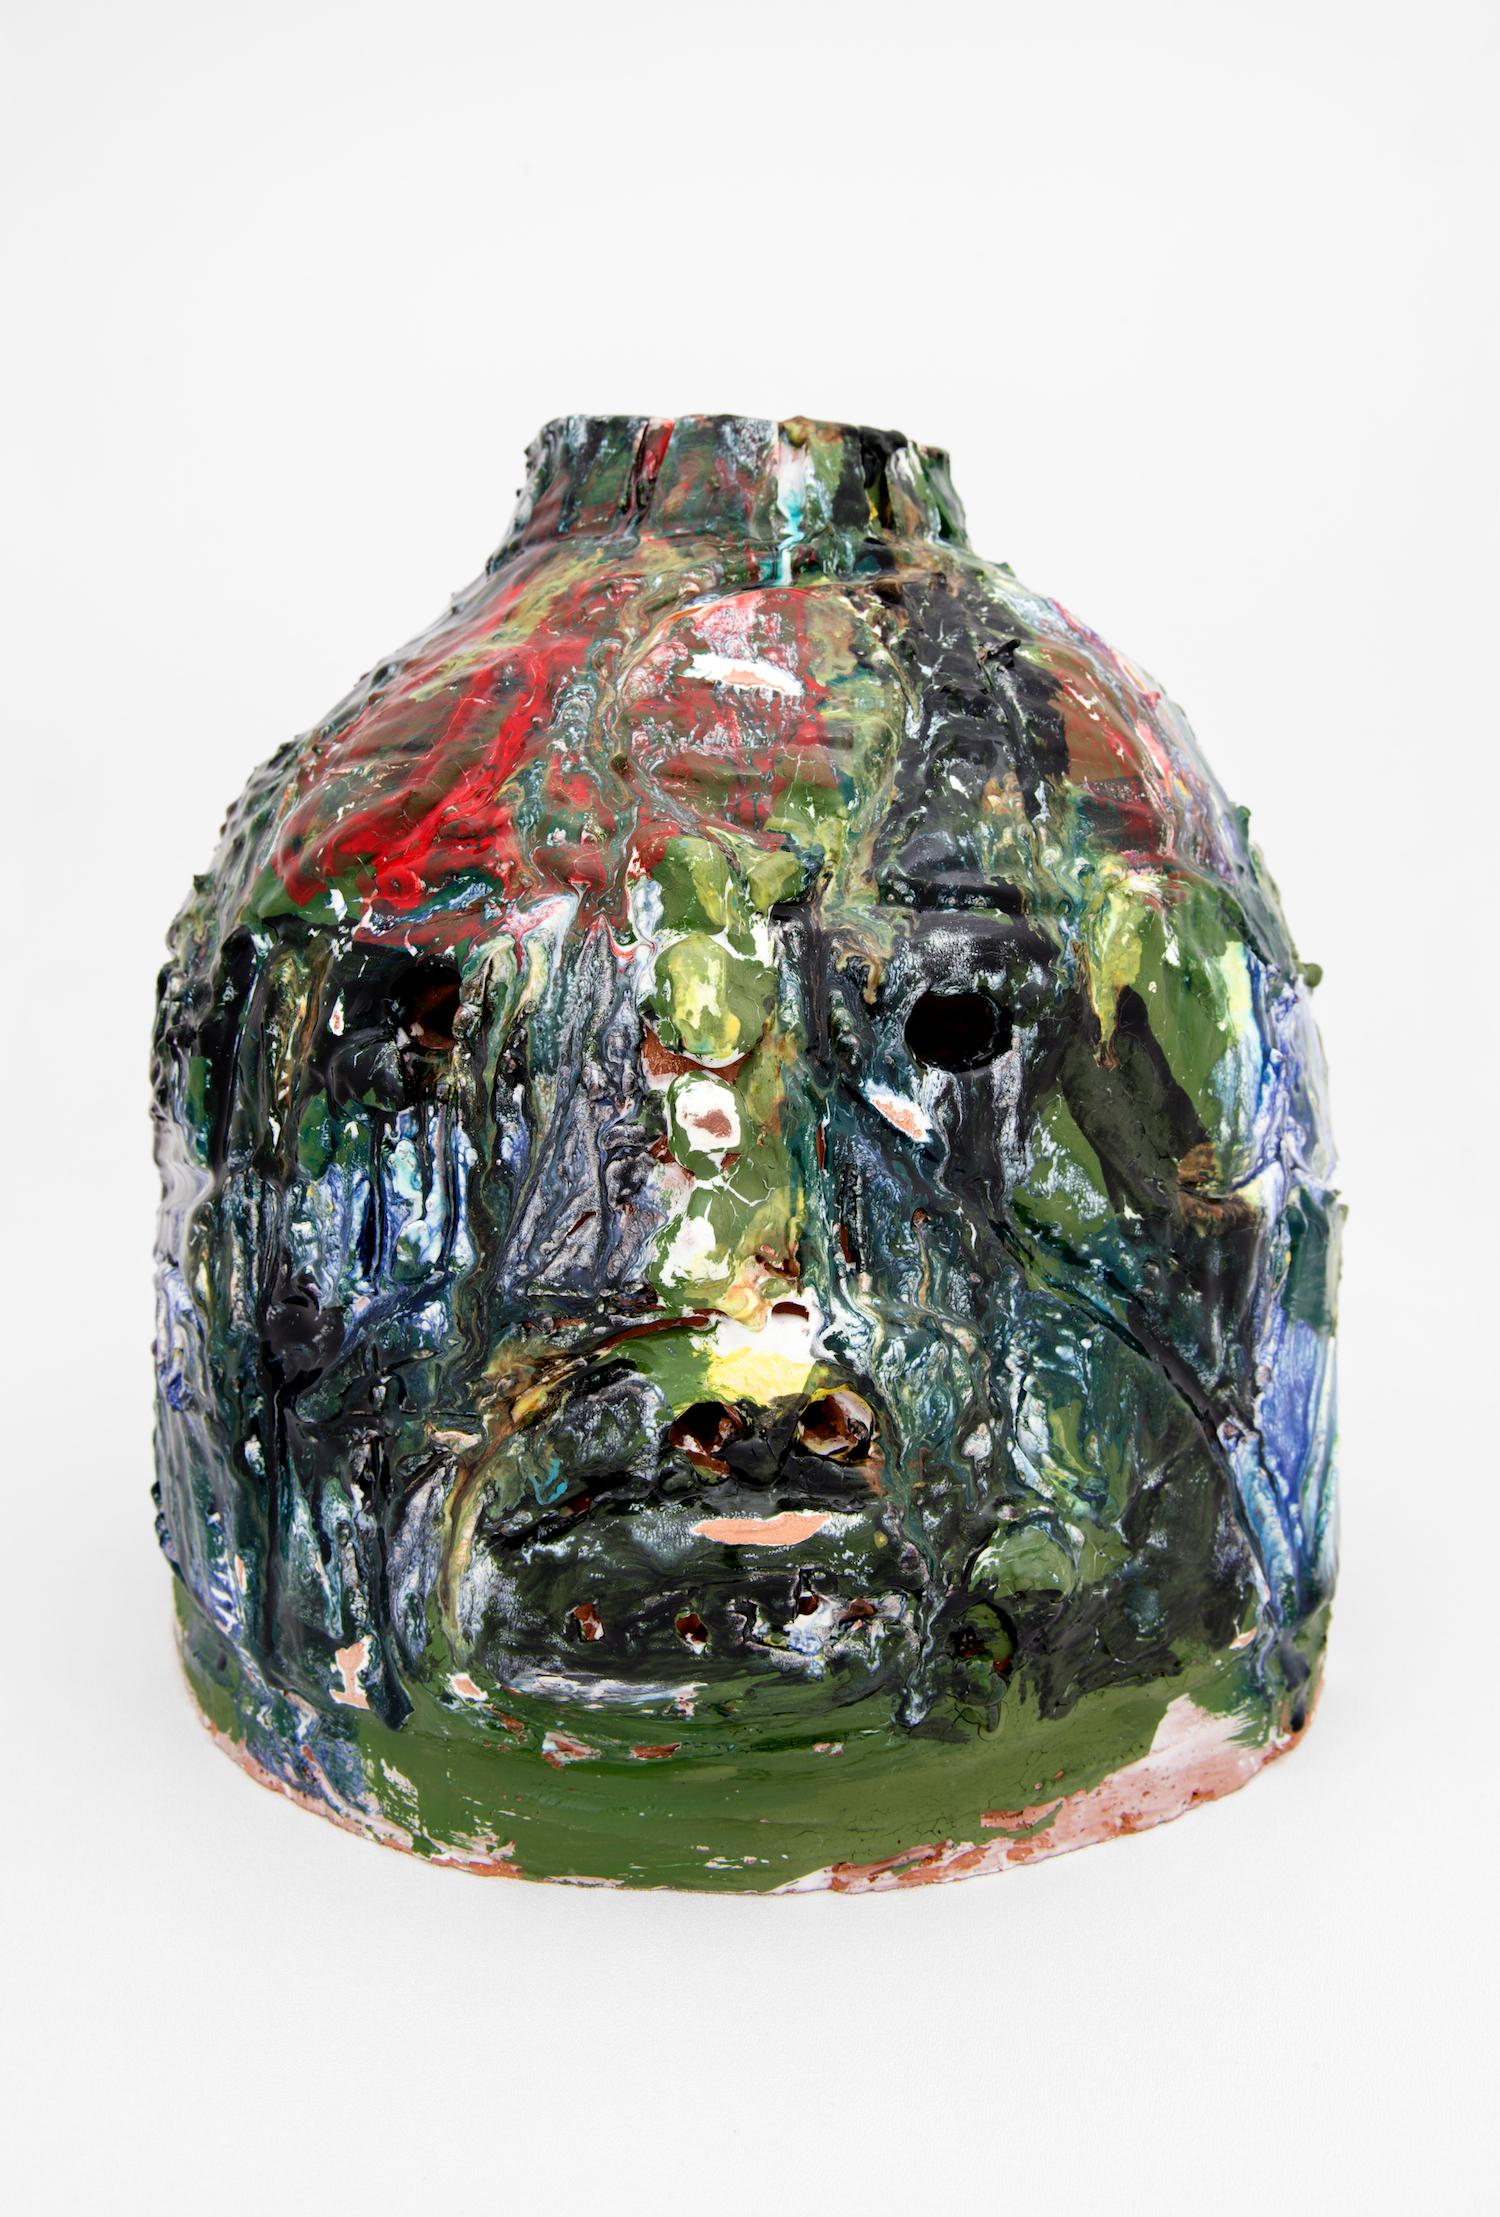 William J. O'Brien  Blood Face  2012 Glazed ceramic 15 ½h x 14w x 14d in WOB803